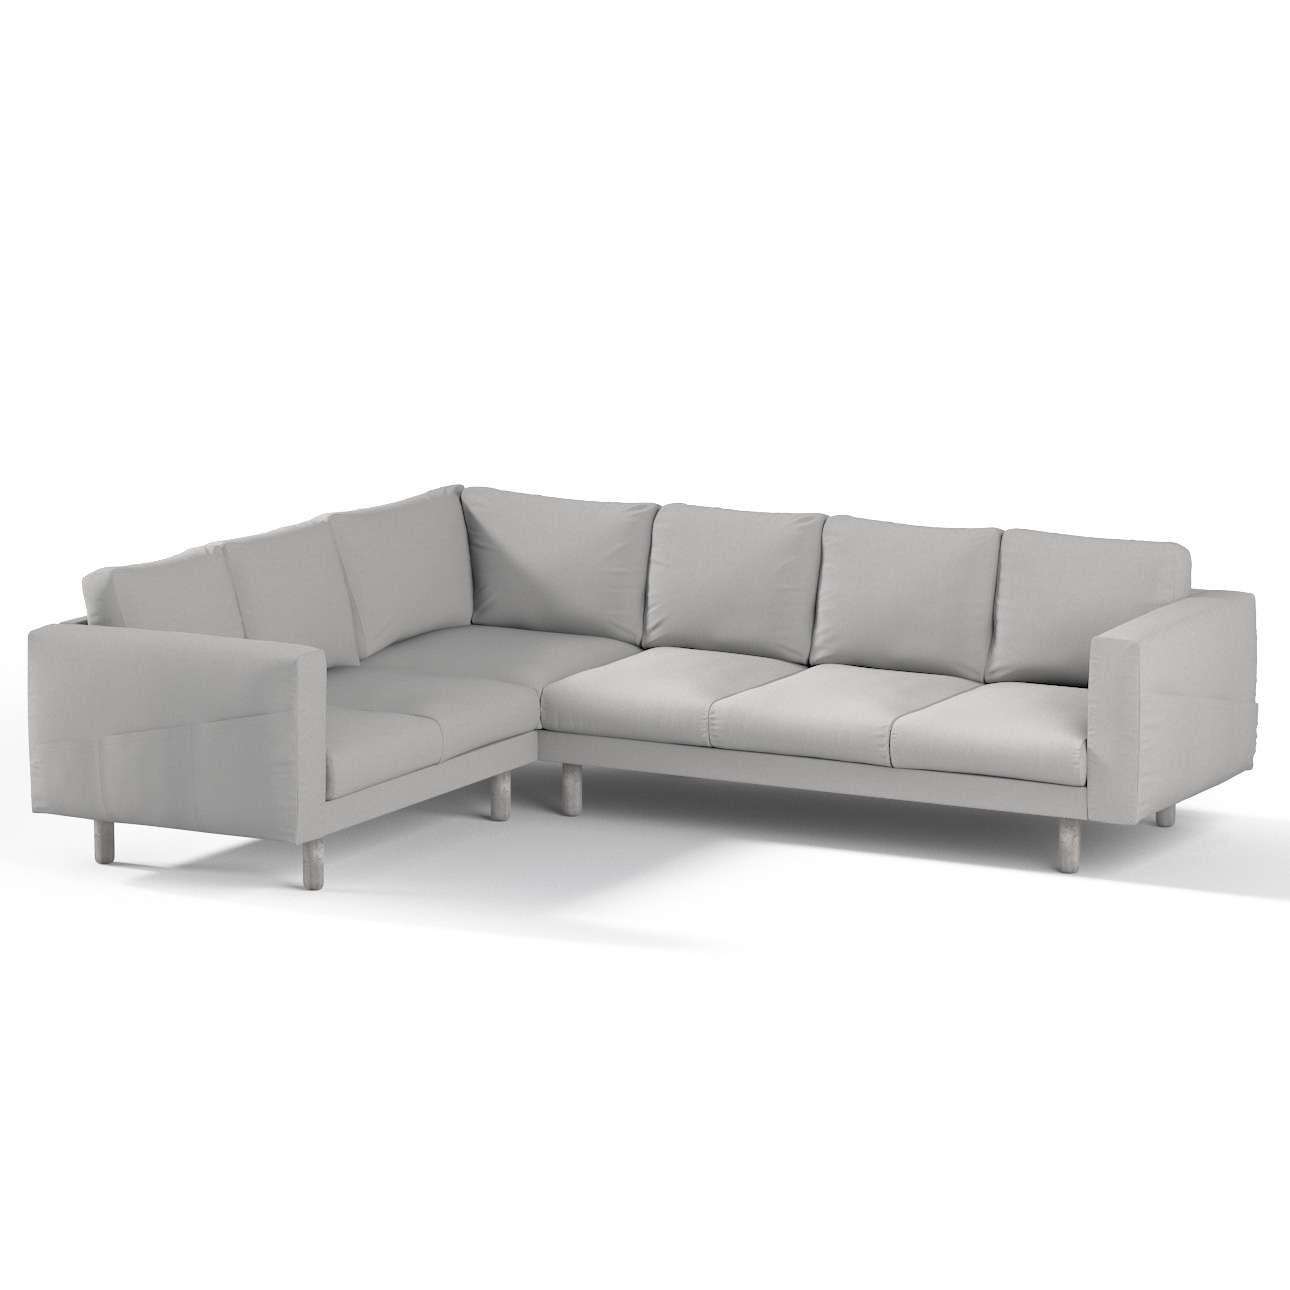 Pokrowiec na sofę narożną Norsborg 5-osobową w kolekcji Chenille, tkanina: 702-23